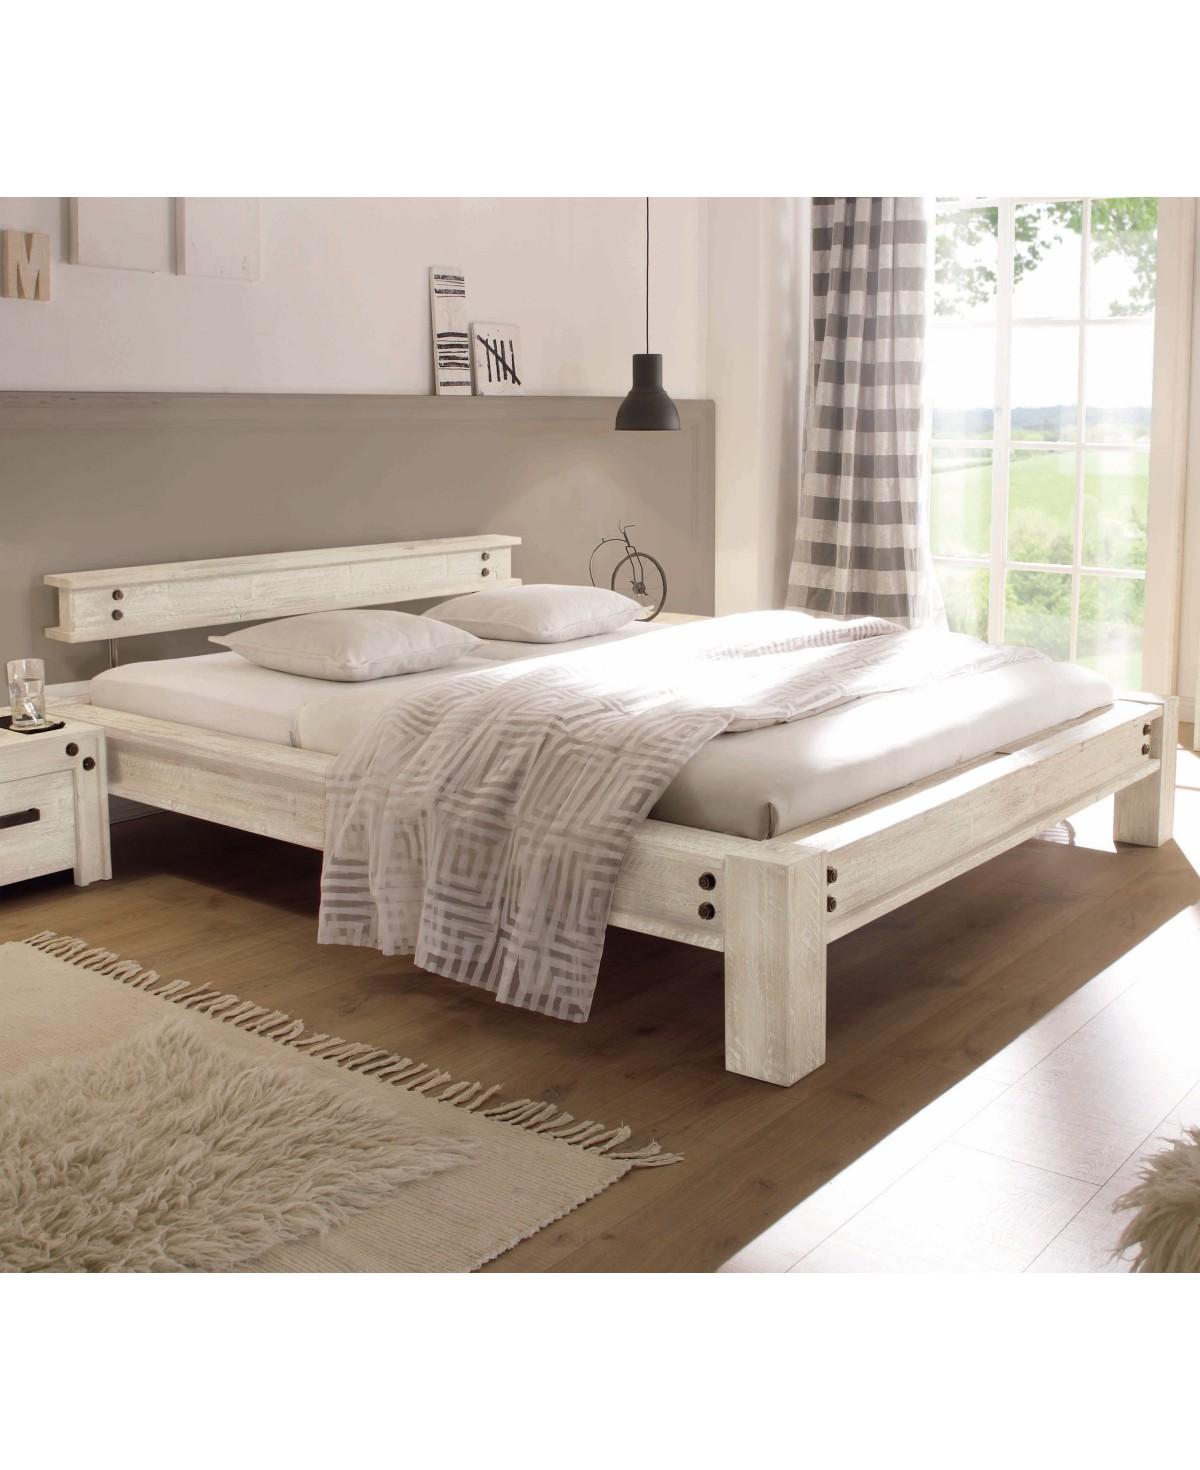 Full Size of Bett Vintage Hasena Factory Line Loft Stil San Luca Akazie White Betten 180x200 90x200 Weiß 1 40x2 00 Test Himmel Günstiges Mit Stauraum 140x200 De Matratze Bett Bett Vintage